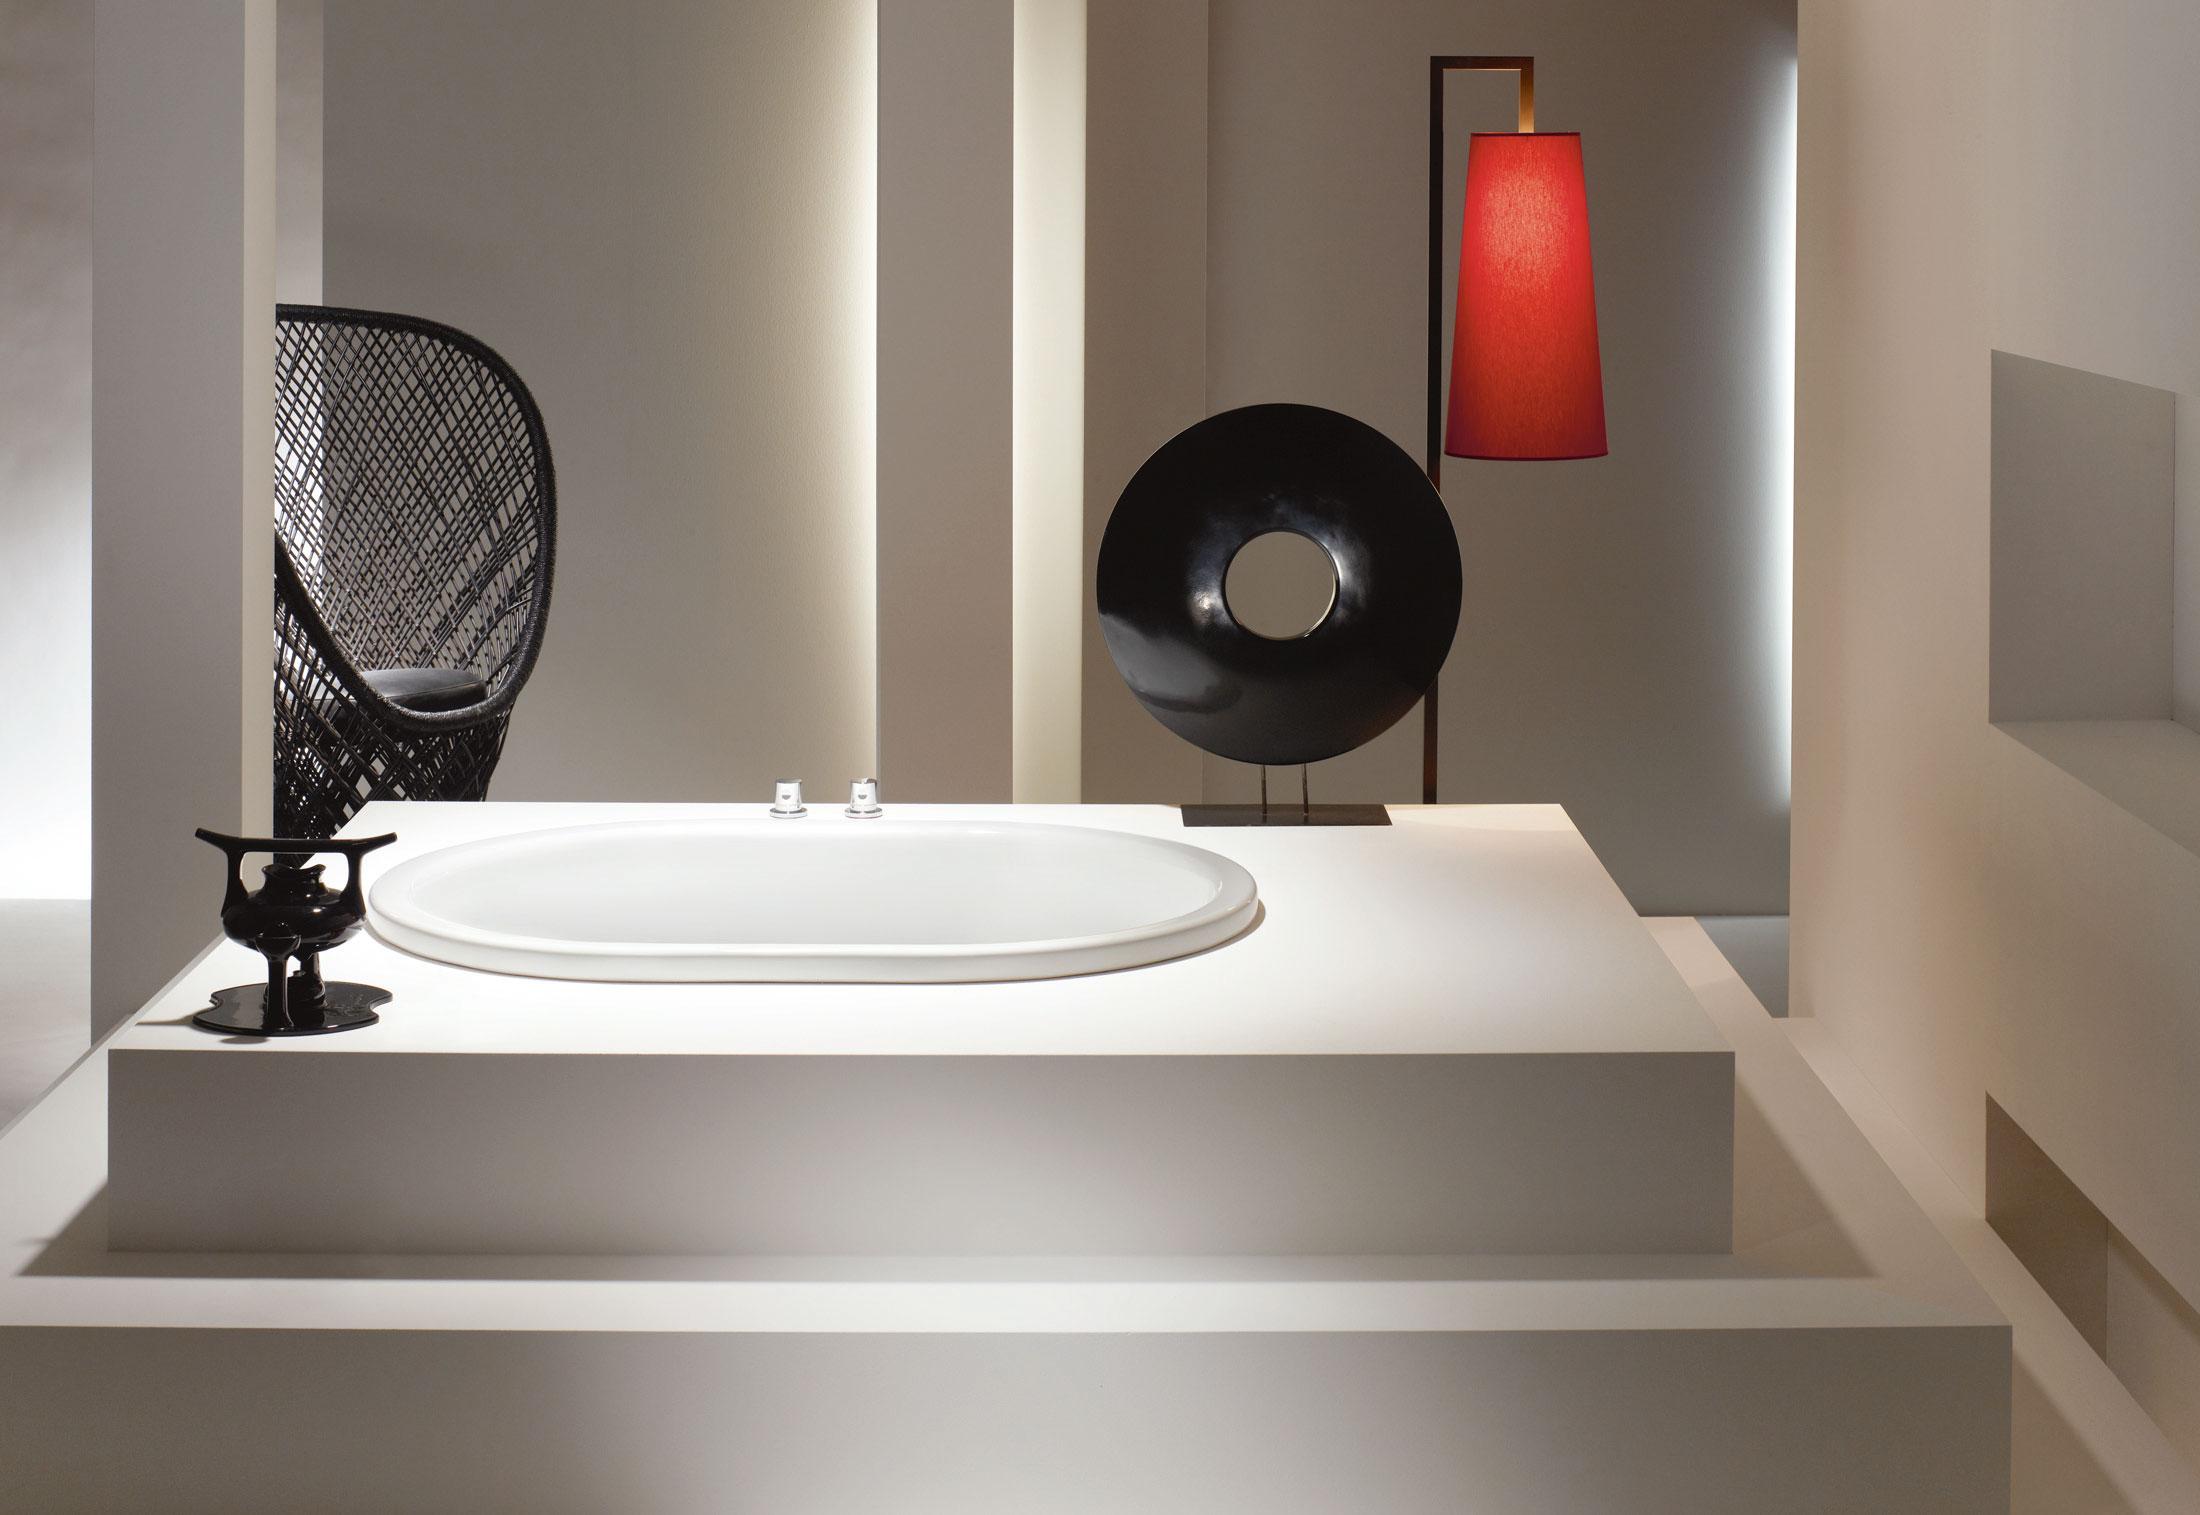 Встроенная ванна от Kaldewei. Вид А